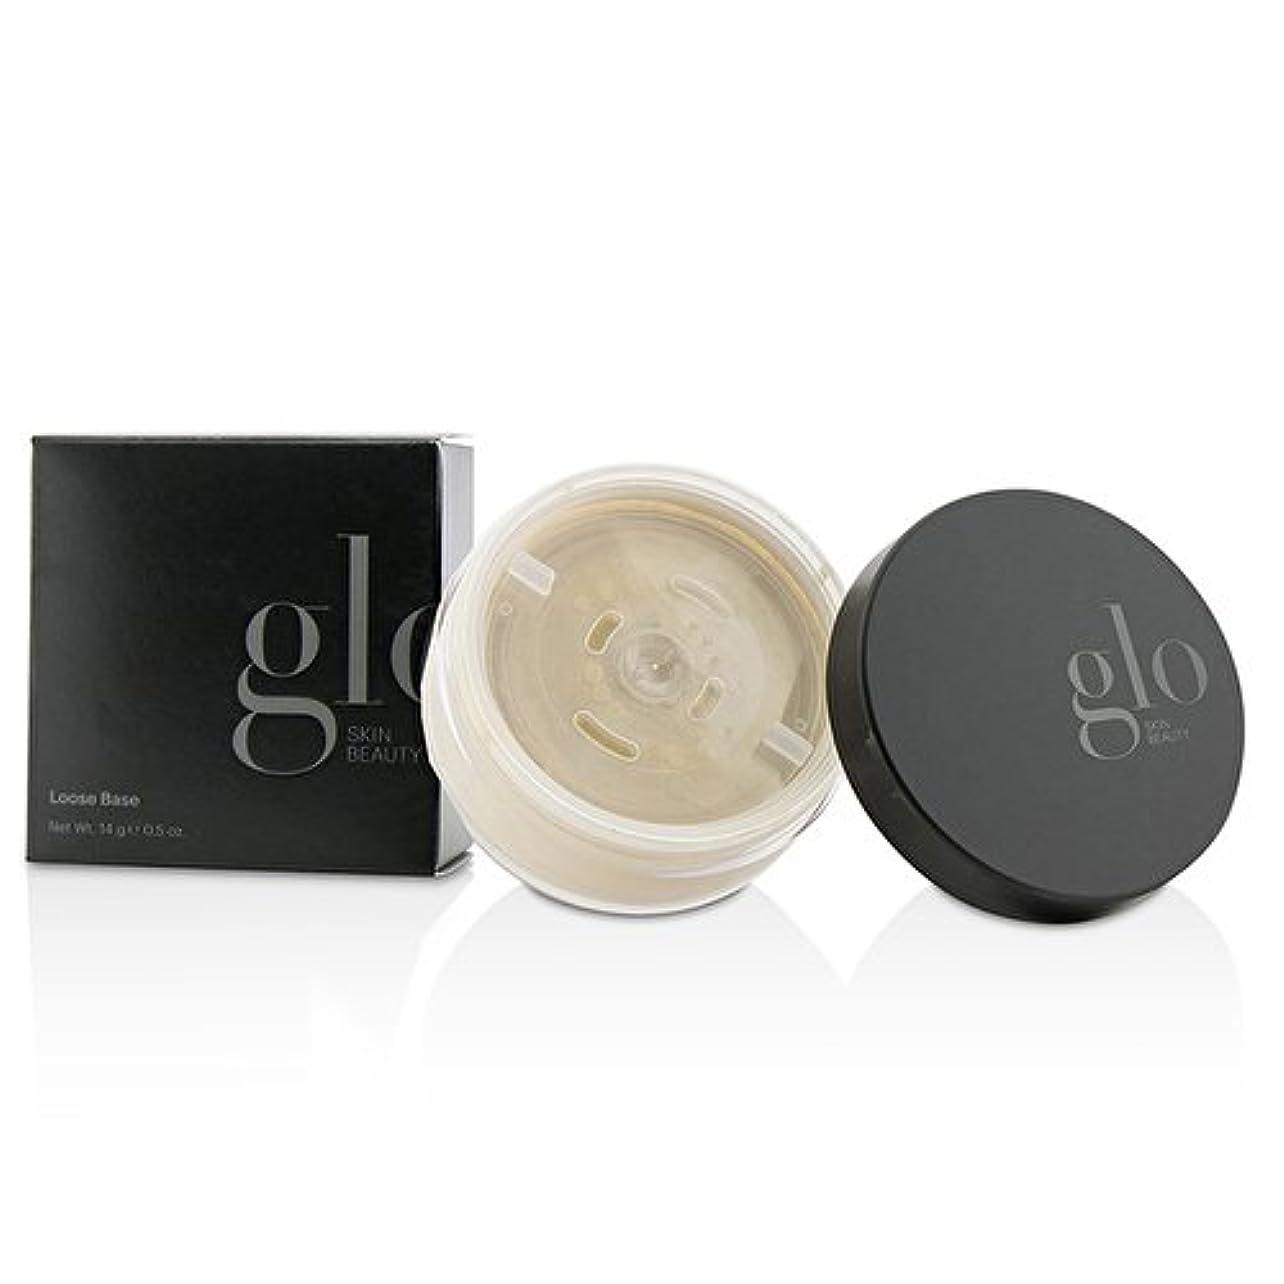 に話すコンパニオン拡散するGlo Skin Beauty Loose Base (Mineral Foundation) - # Natural Fair 14g/0.5oz並行輸入品